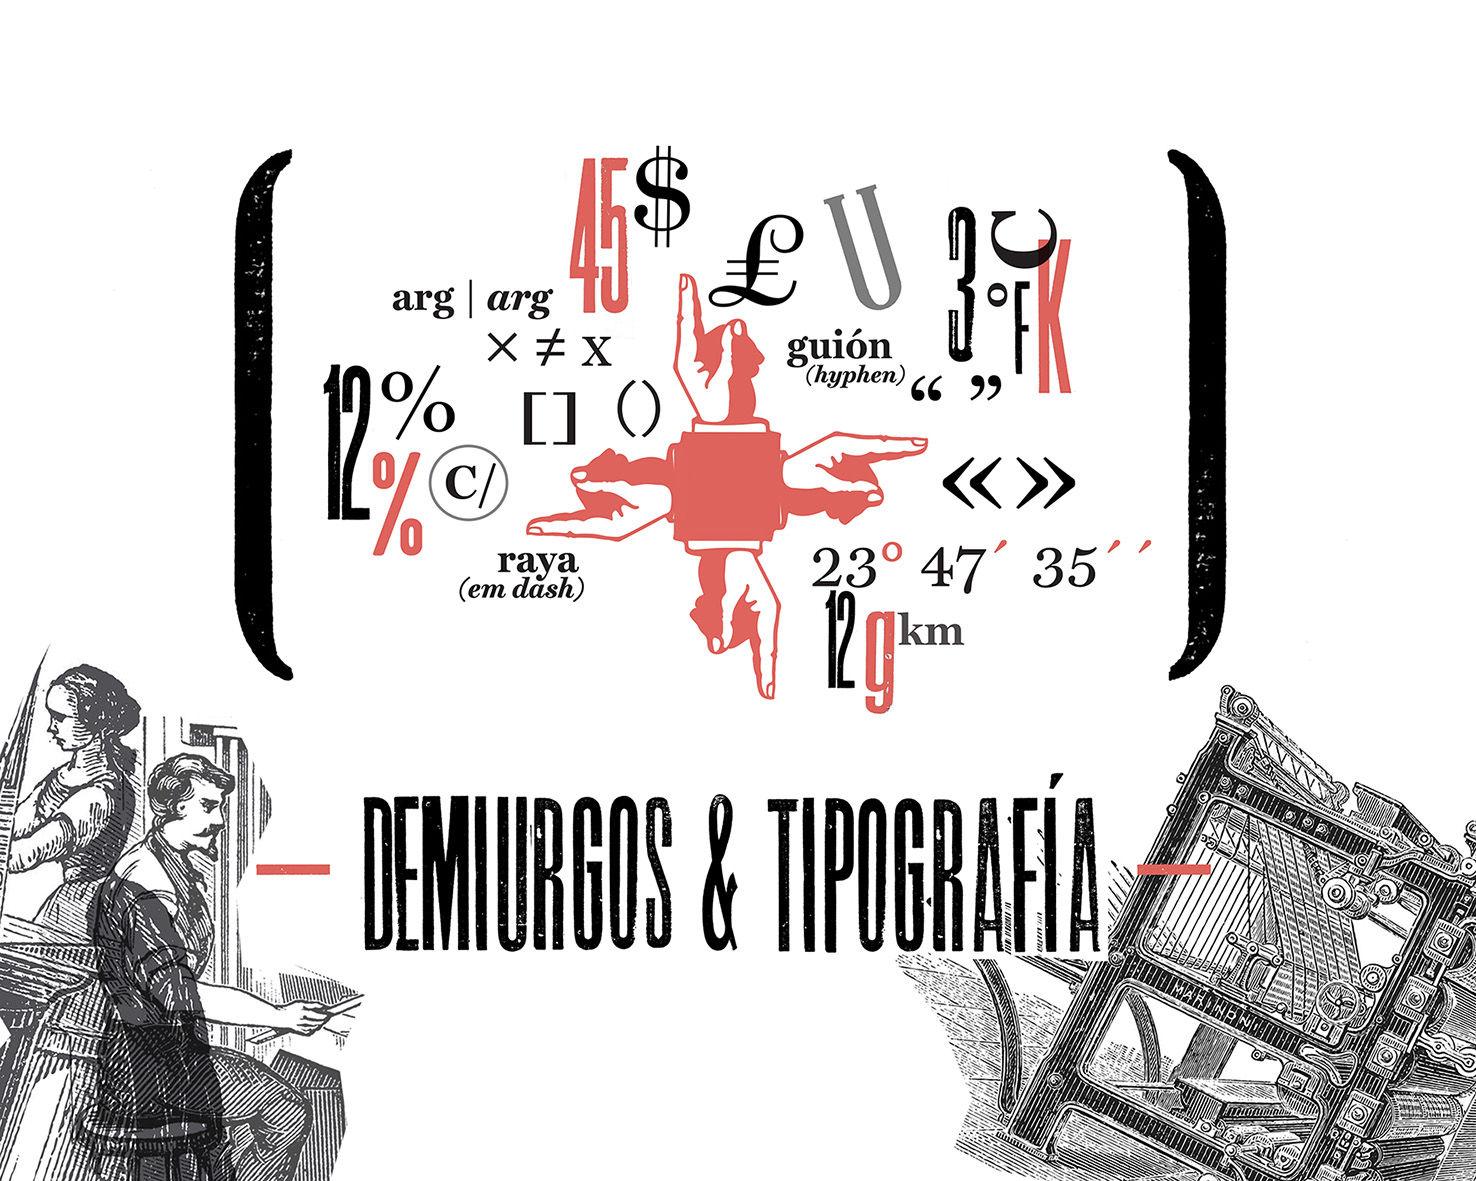 """Portada del artículo """"Demiurgos & Tipografía"""" escrito por Lalolagráfica"""